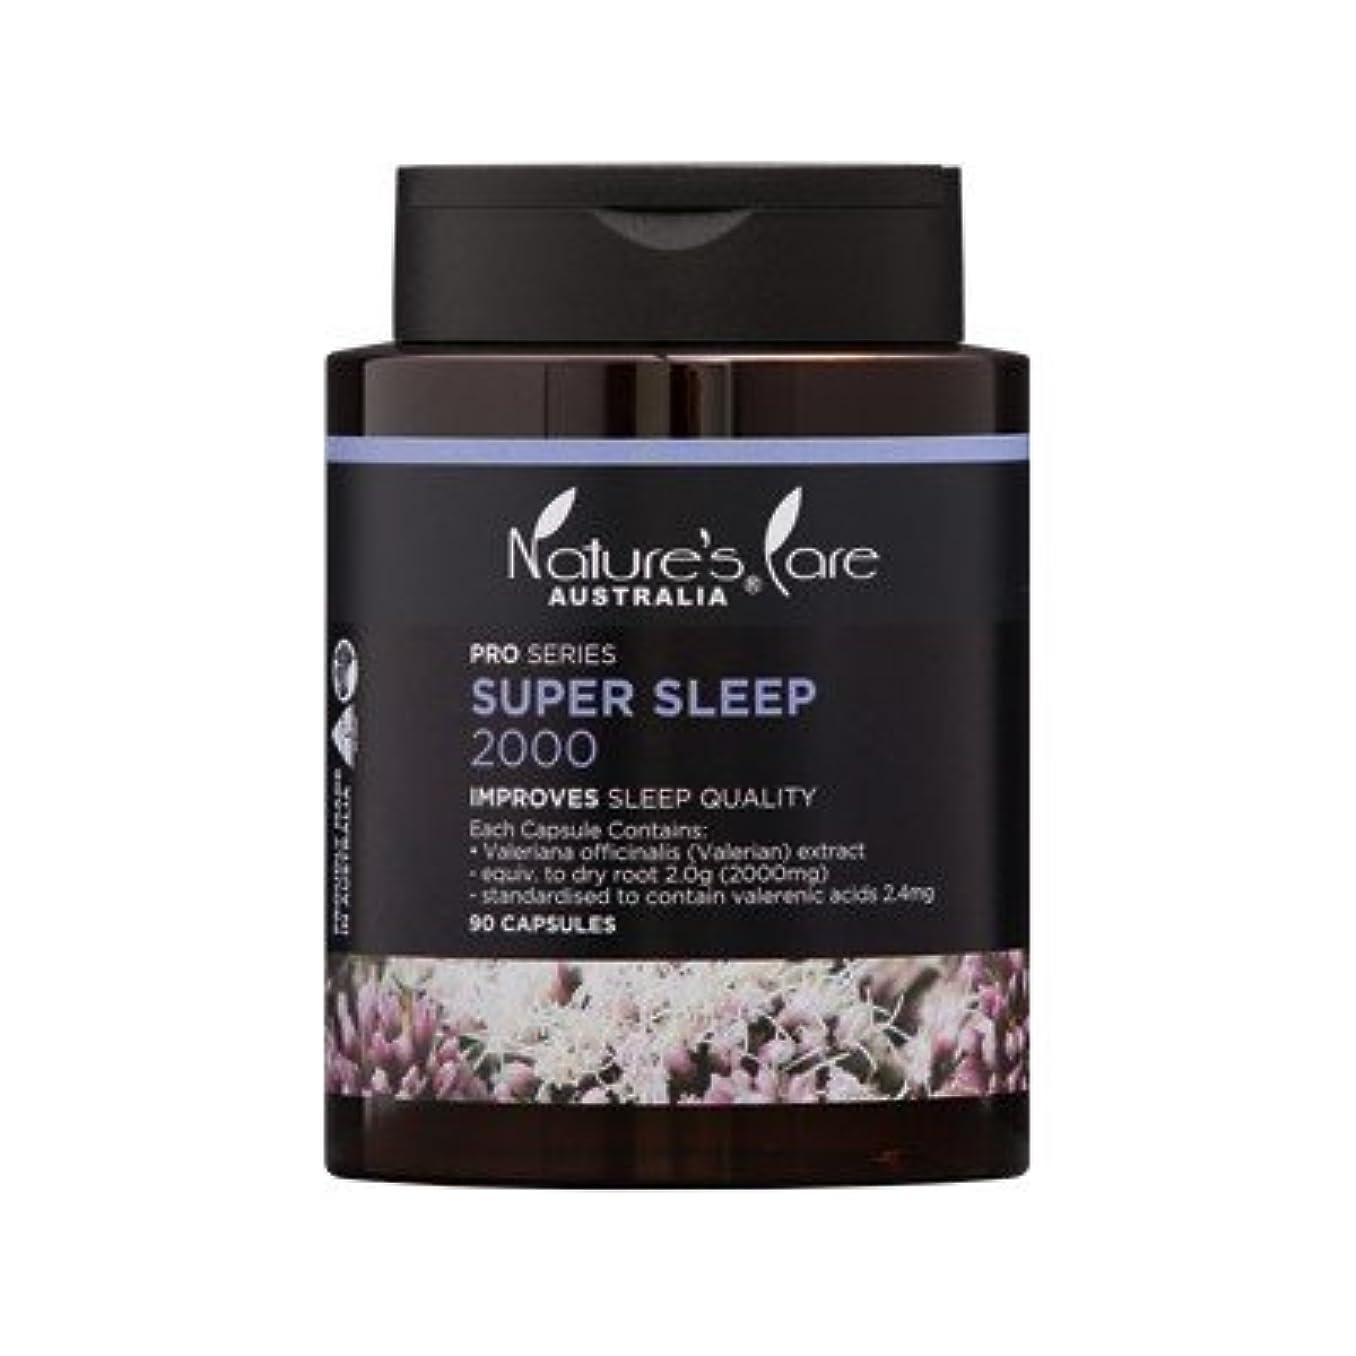 既婚同化殺人【Nature's Care】上質な睡眠をサポート☆Super Sleep スーパースリープ 2000mg 90カプセル入